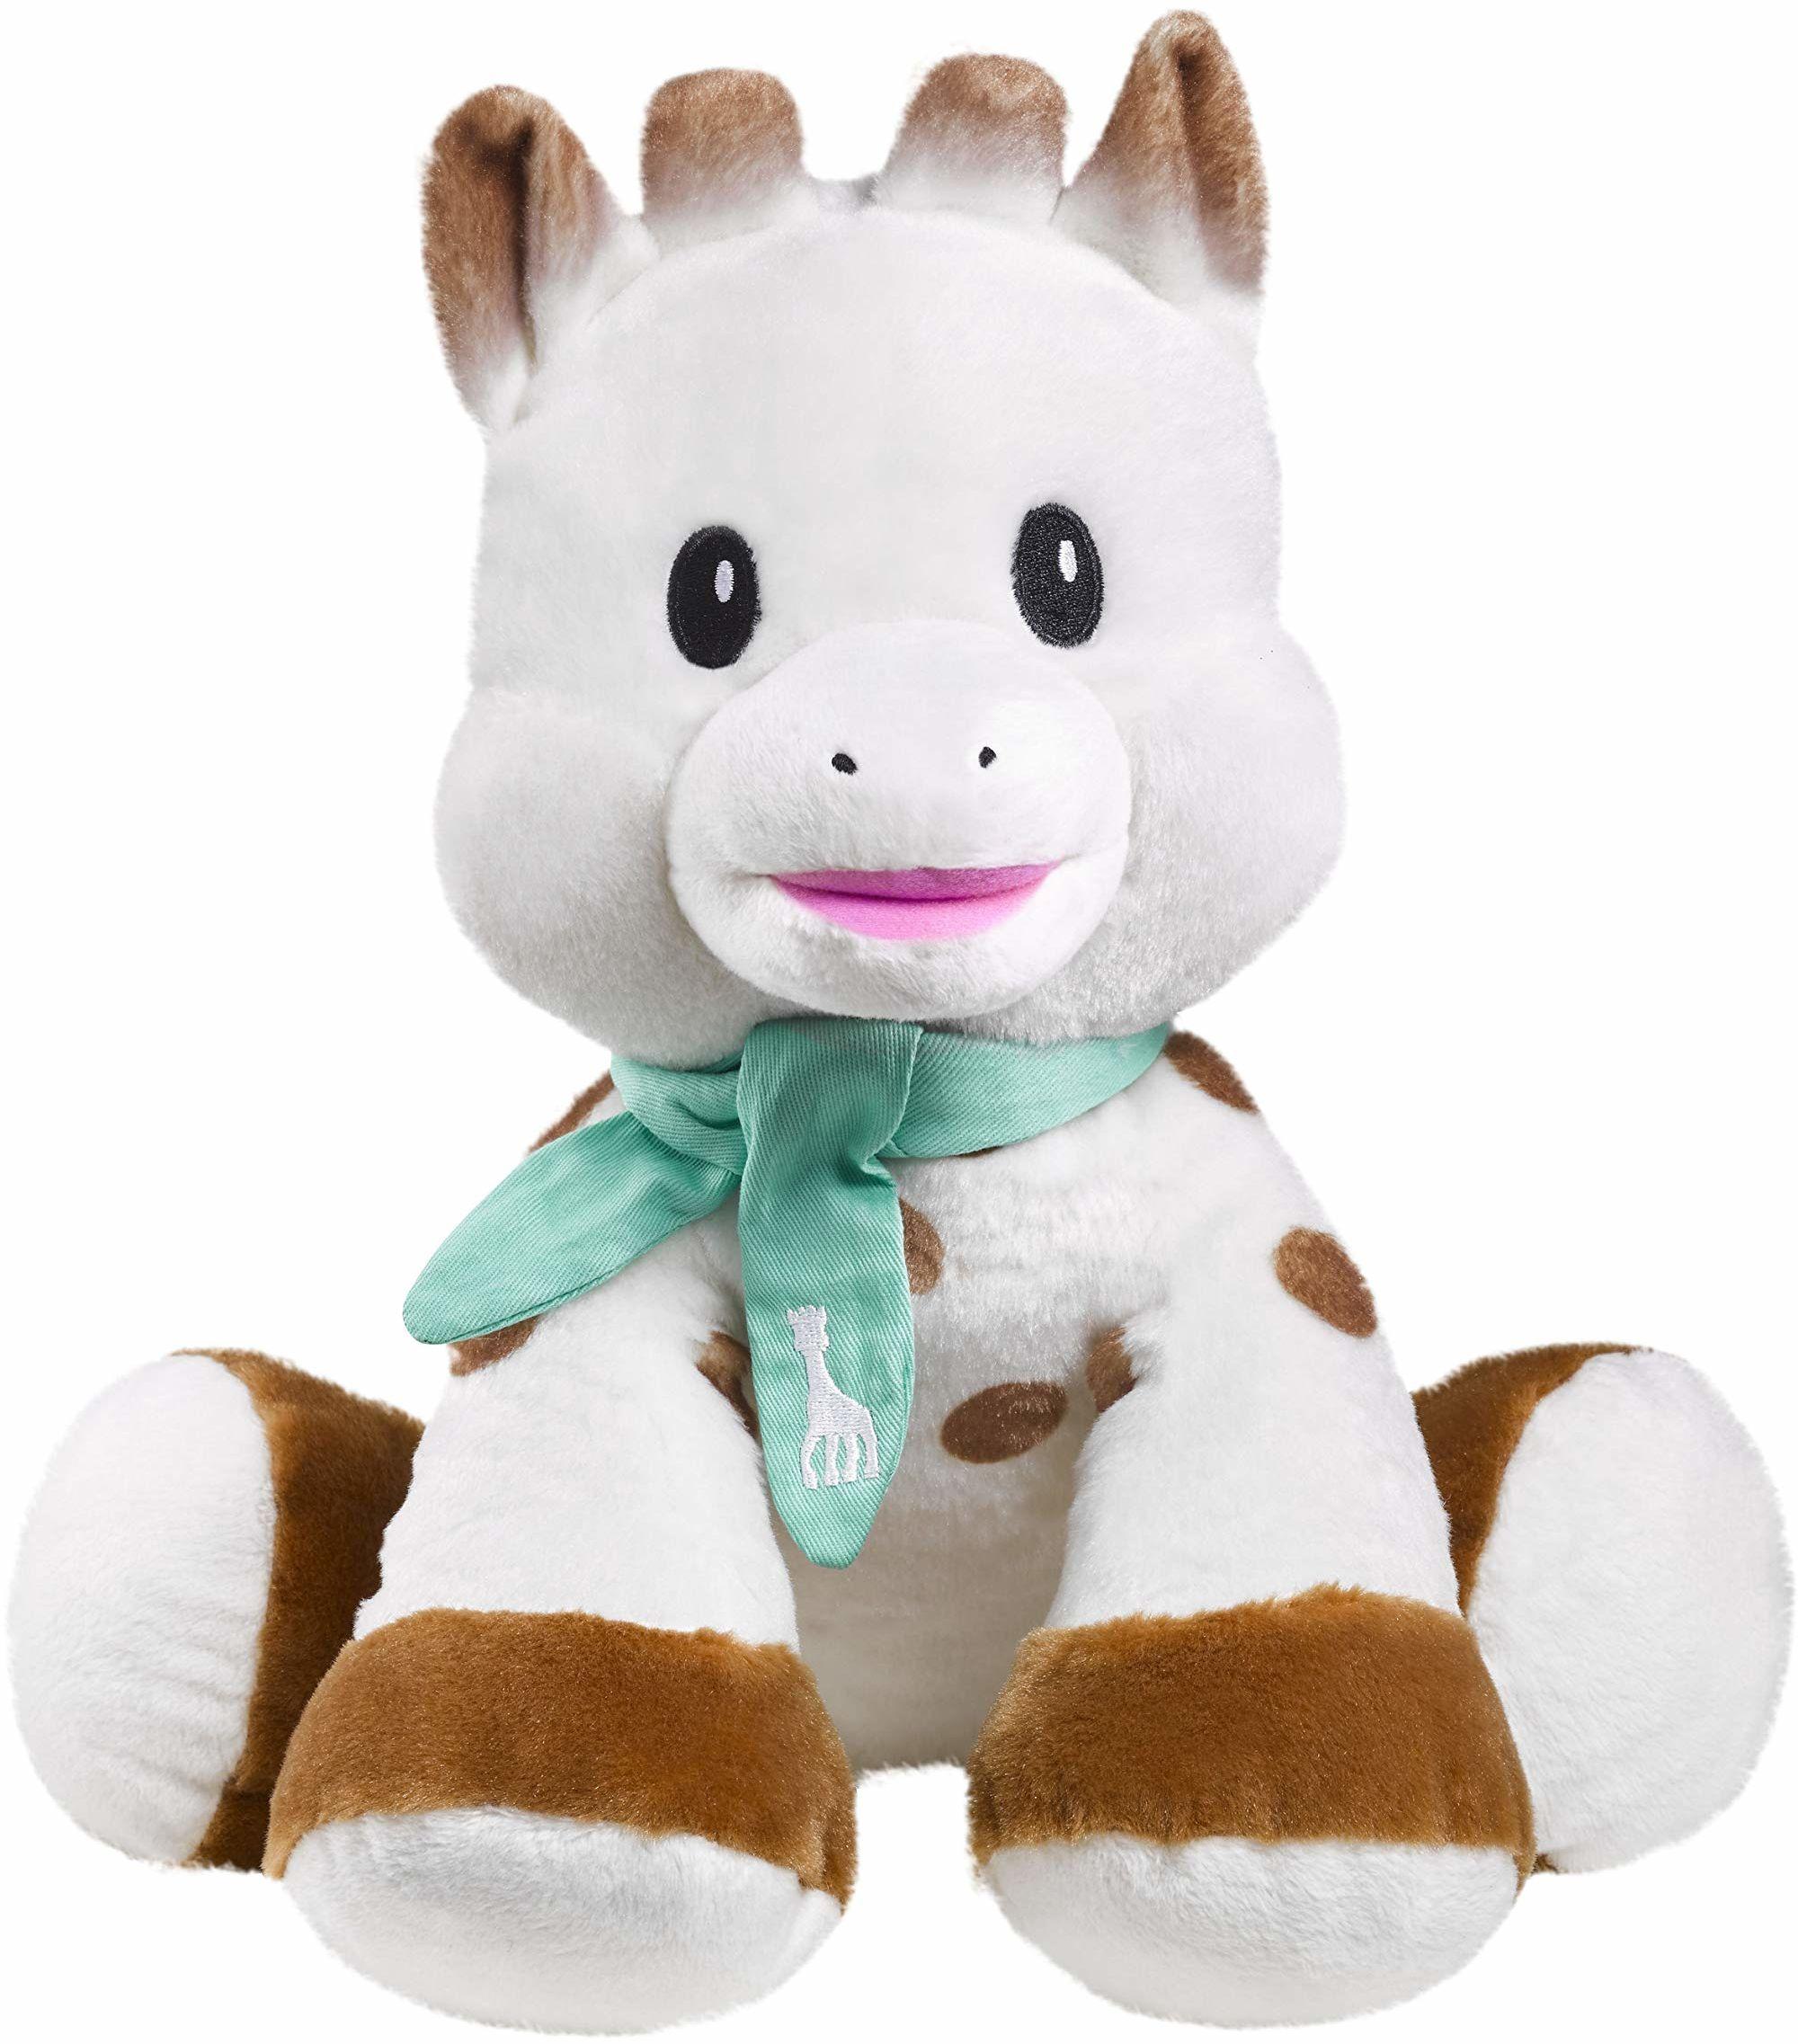 Sophie żyrafa, plusz, niemowlęta, 35 cm, ultra miękka, 010337